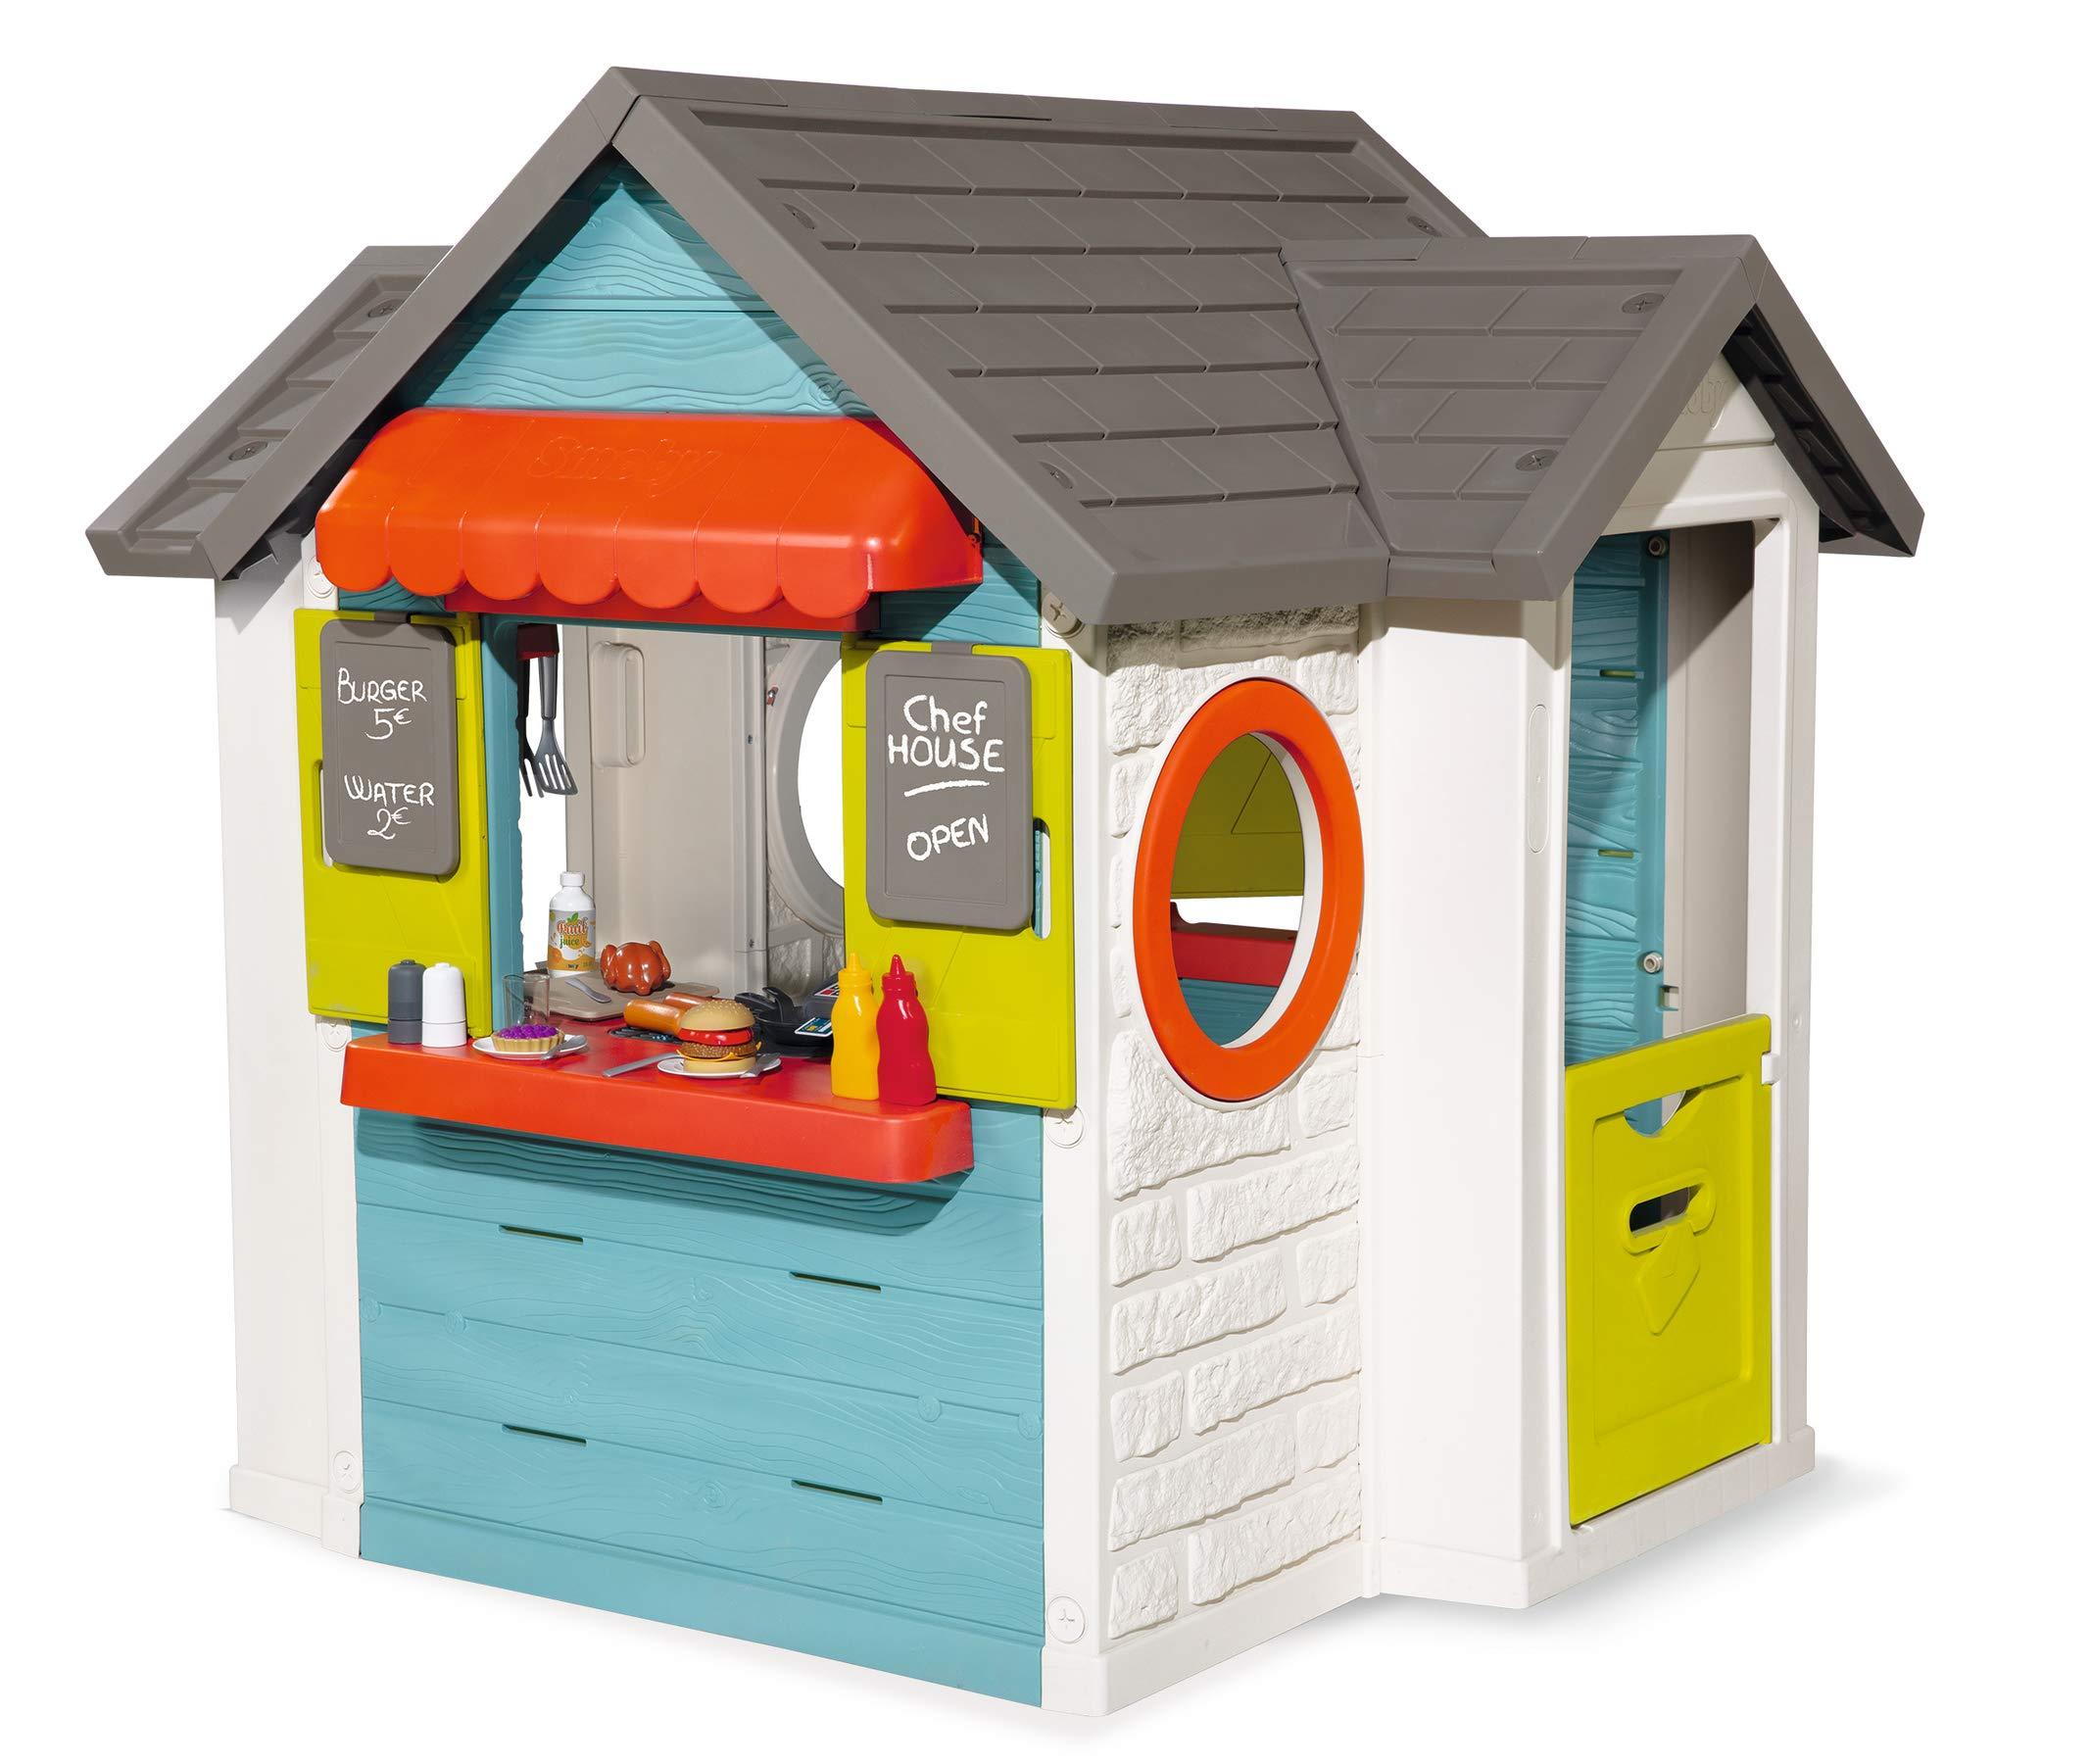 Smoby Maison Chef House Cabane De Jardin Enfant Cuisine Et Marchande Colore 810403 Amazon Fr Jeux Et Jouets